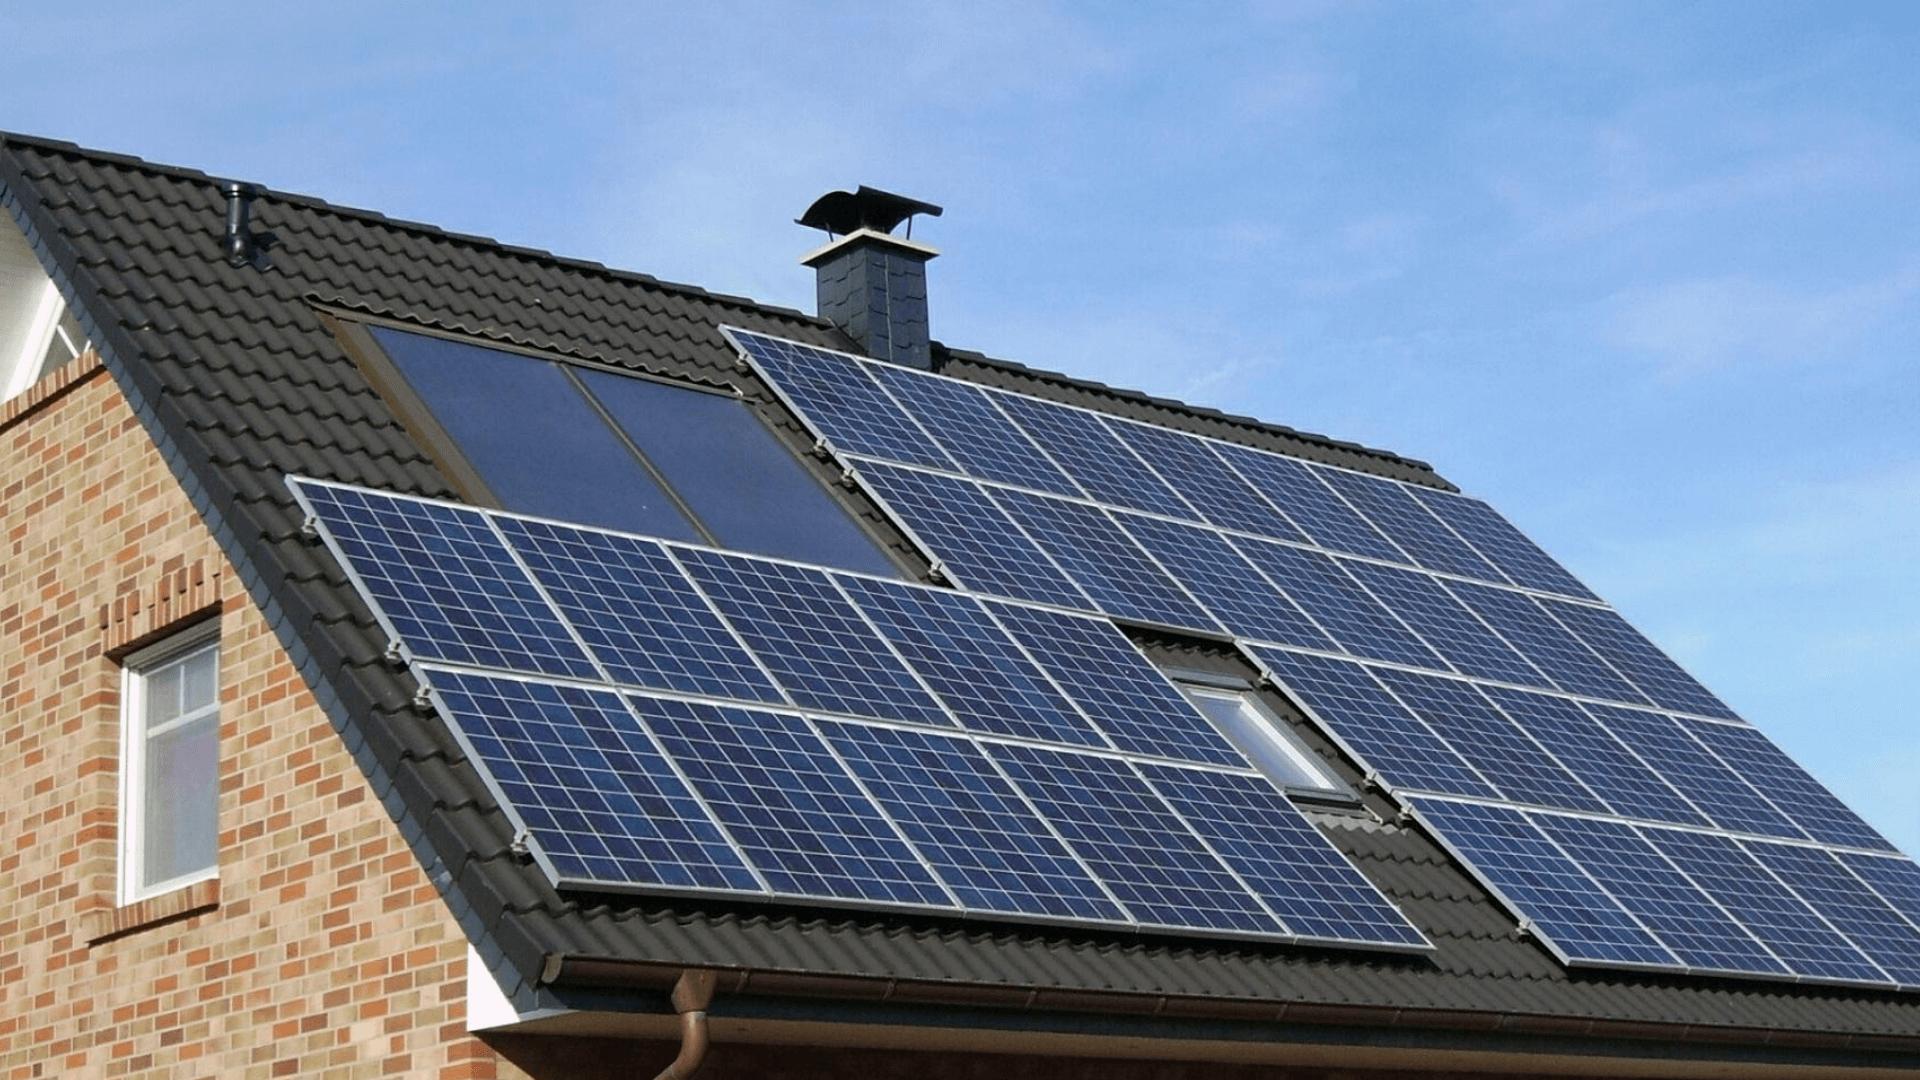 panele-fotowoltaiczne-na-dachu-mity